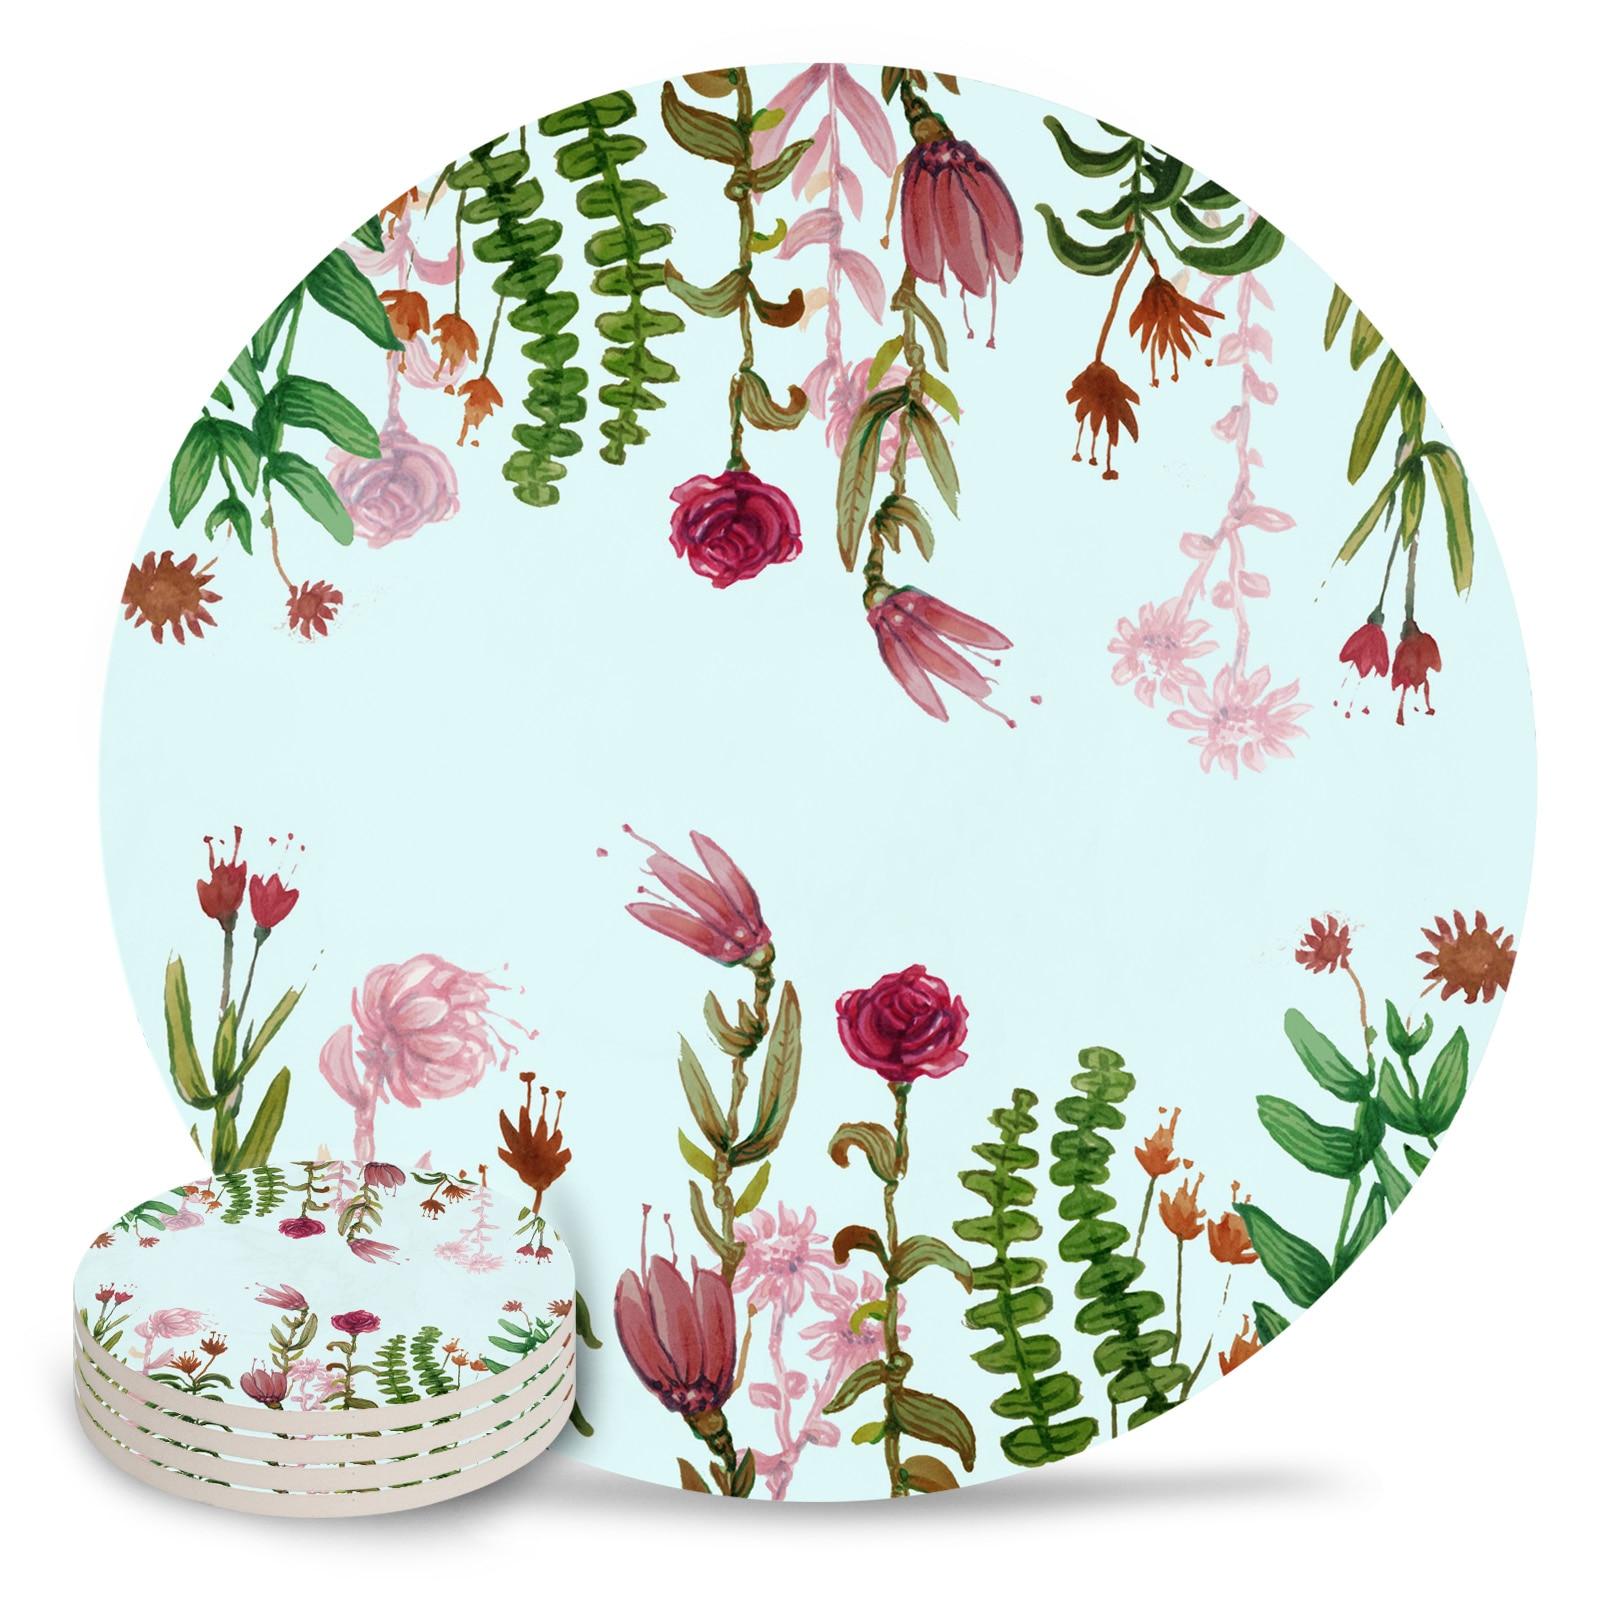 زهرة مائية مستديرة كوستر طاولة القهوة الحصير طاولة المطبخ اكسسوارات ماصة قاعدة خزف للأكواب